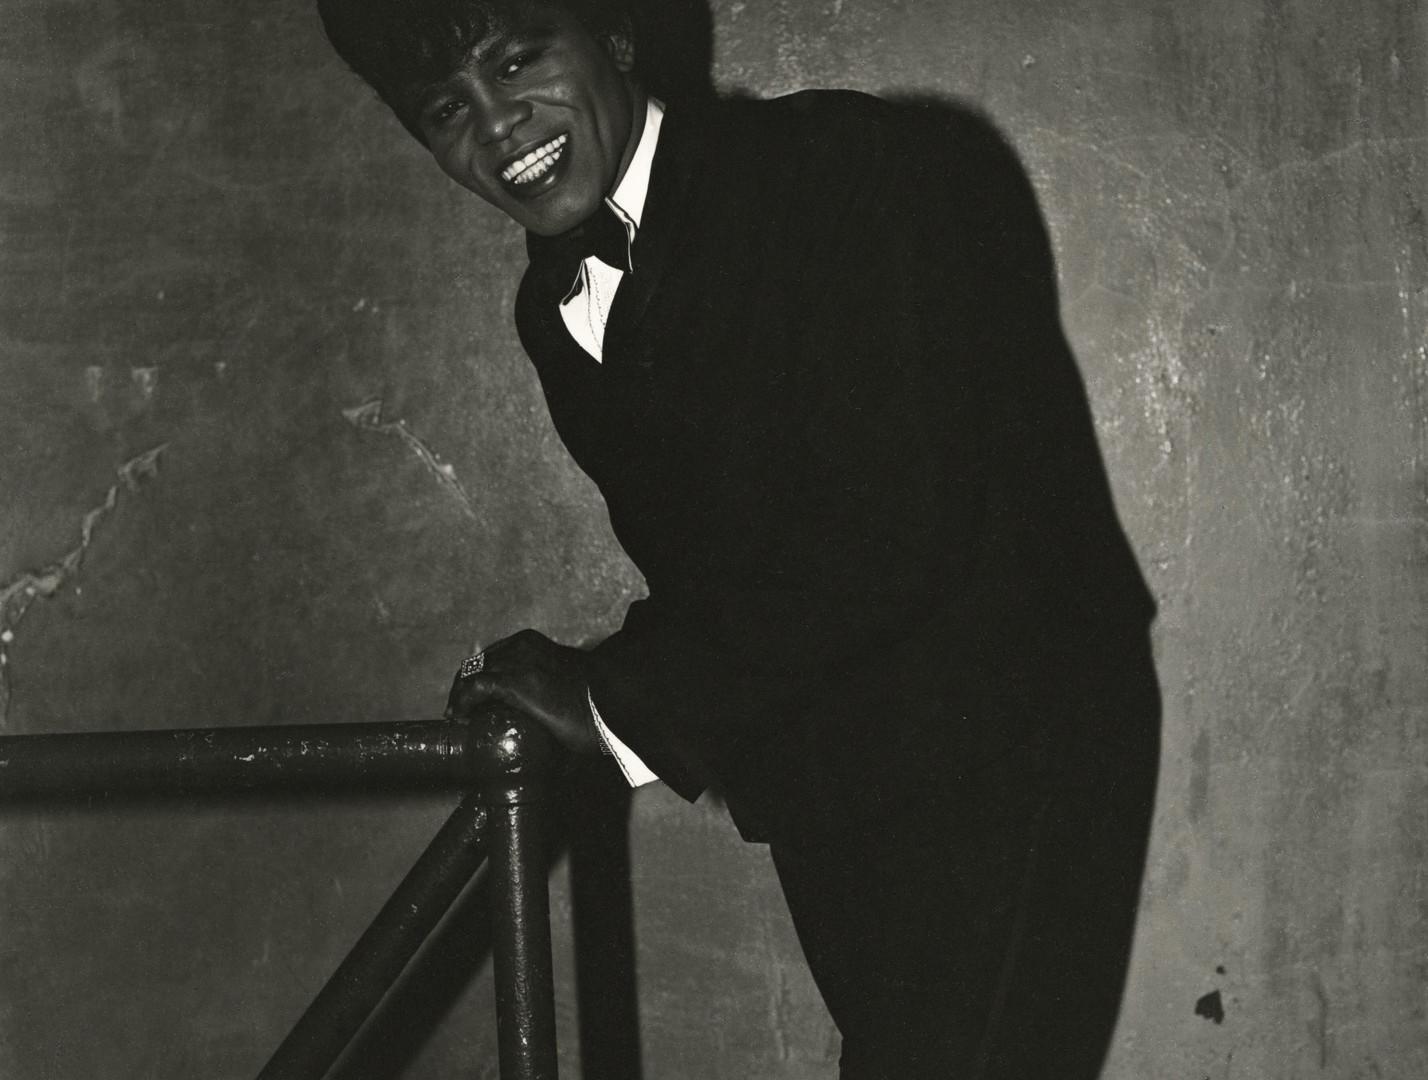 Diane Arbus, James Brown Backstage at the Apollo Theatre, N.Y.C., 1966